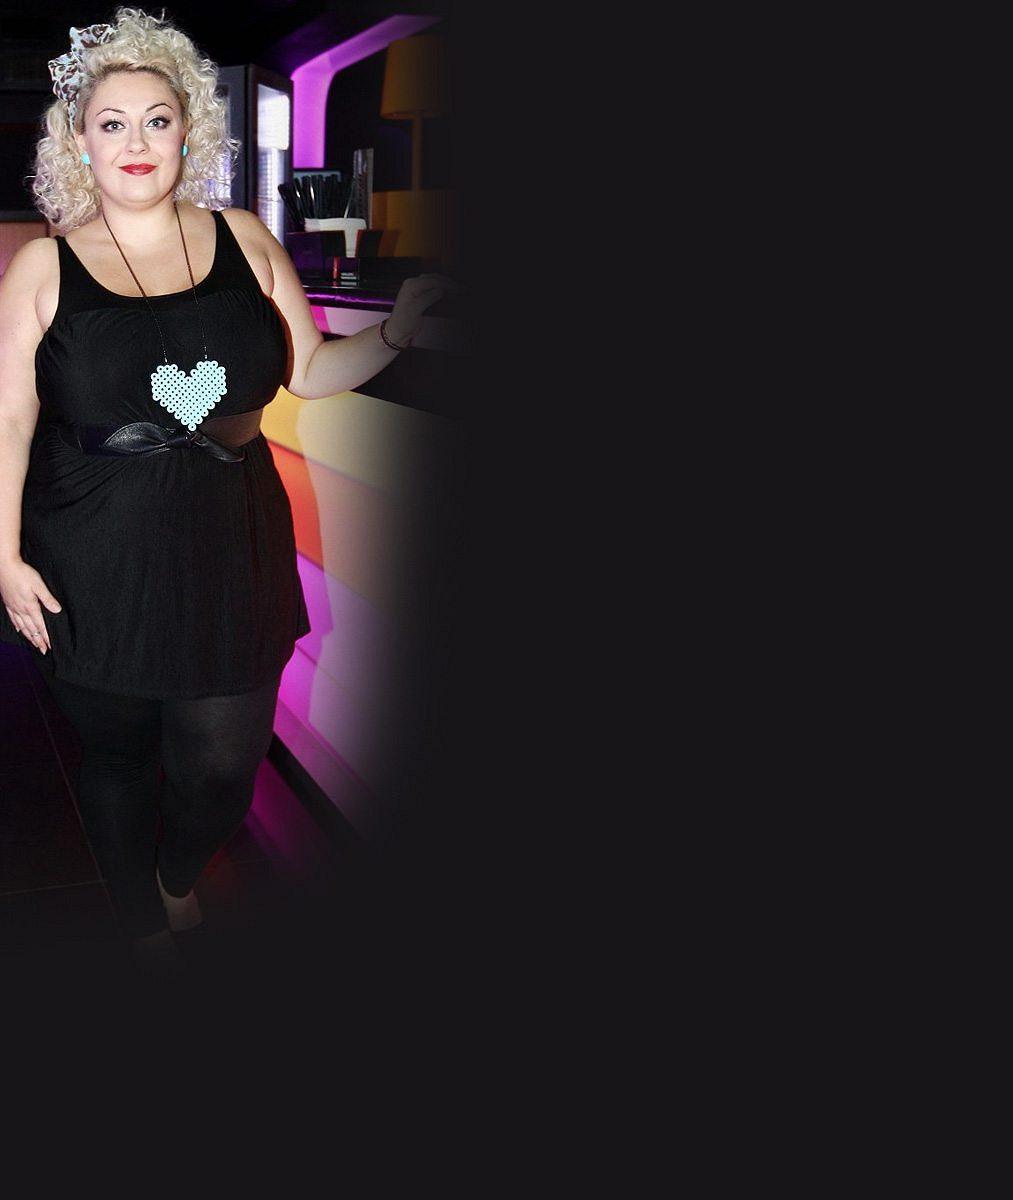 Jej, to byla párty: Vnadná česká zpěvačka skončila s vyhrnutou sukní na zemi